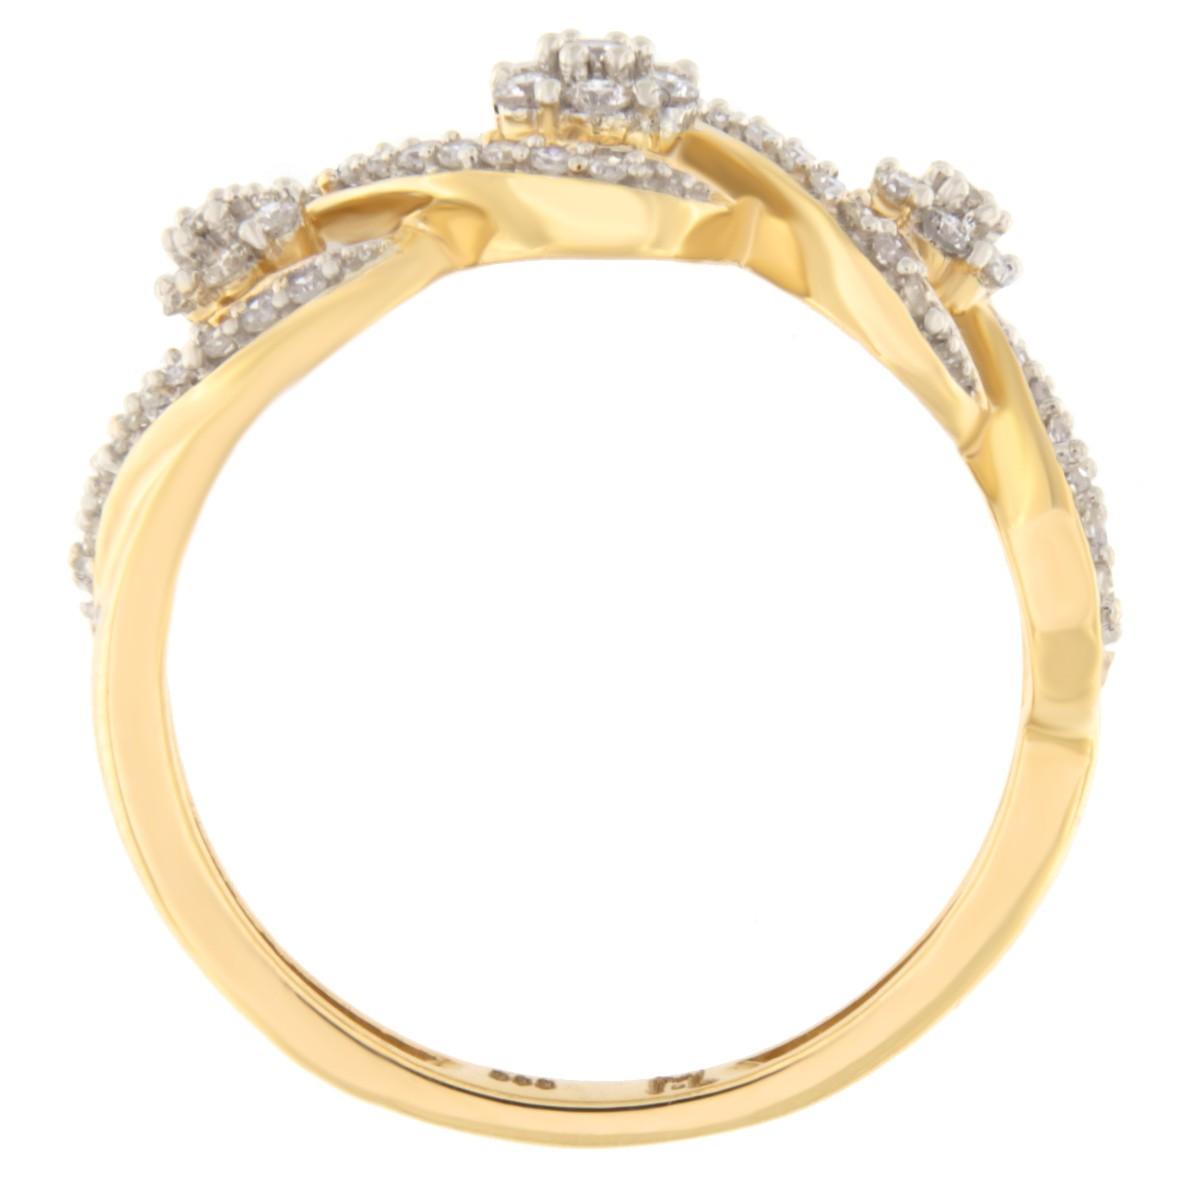 Kullast sõrmus teemantidega 0,25 ct. Kood: 87he